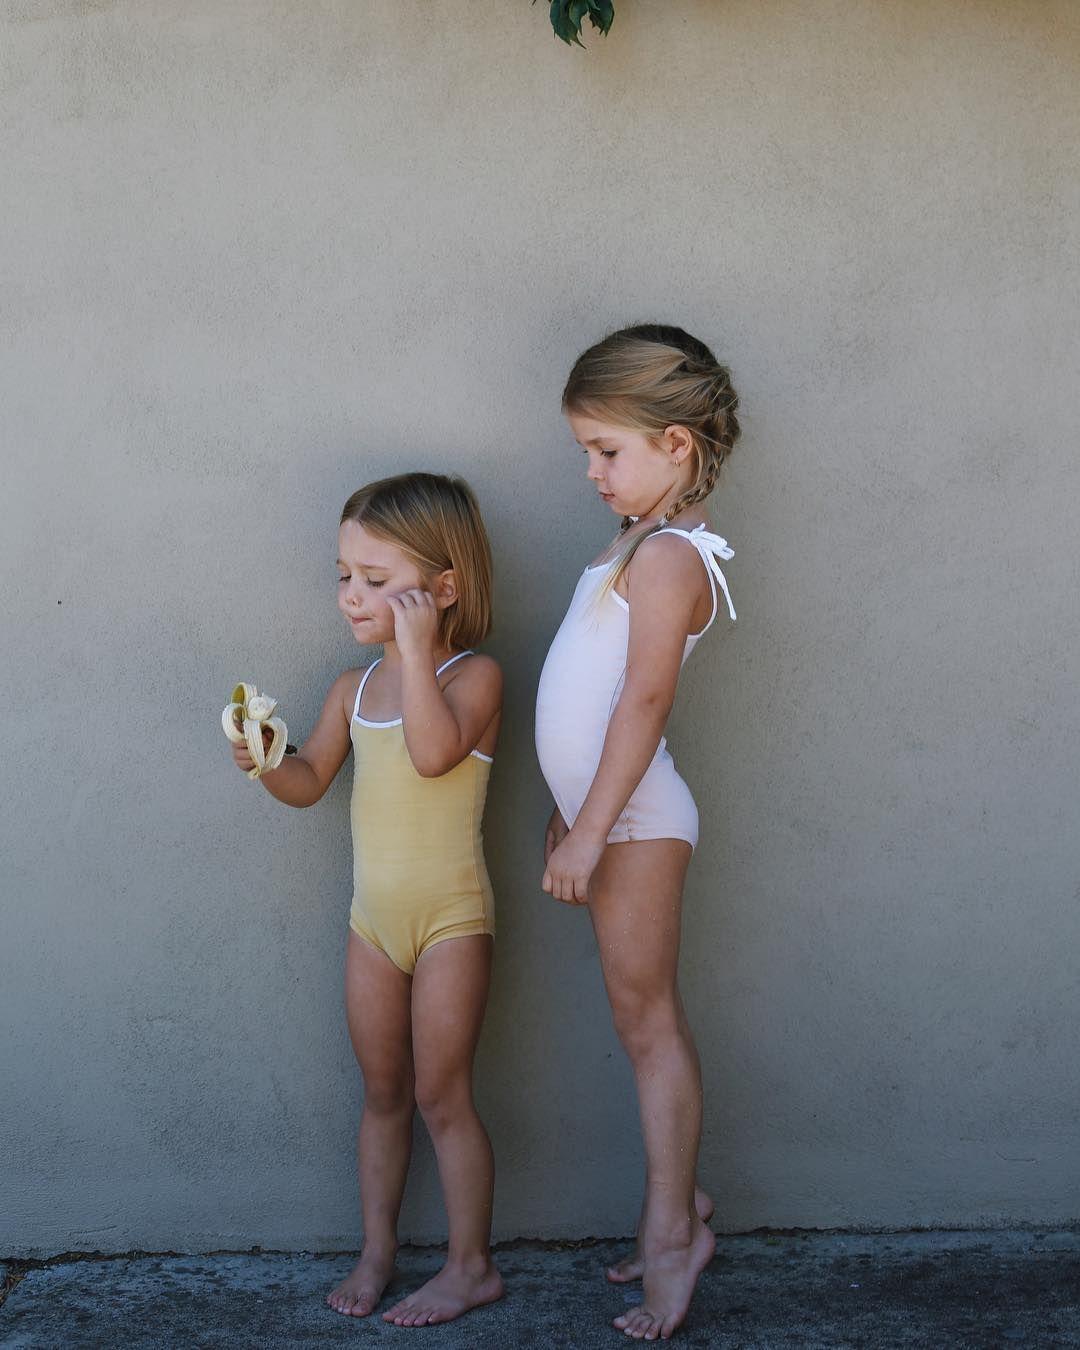 Pin af julie marie på The Little People | Pinterest | Piger